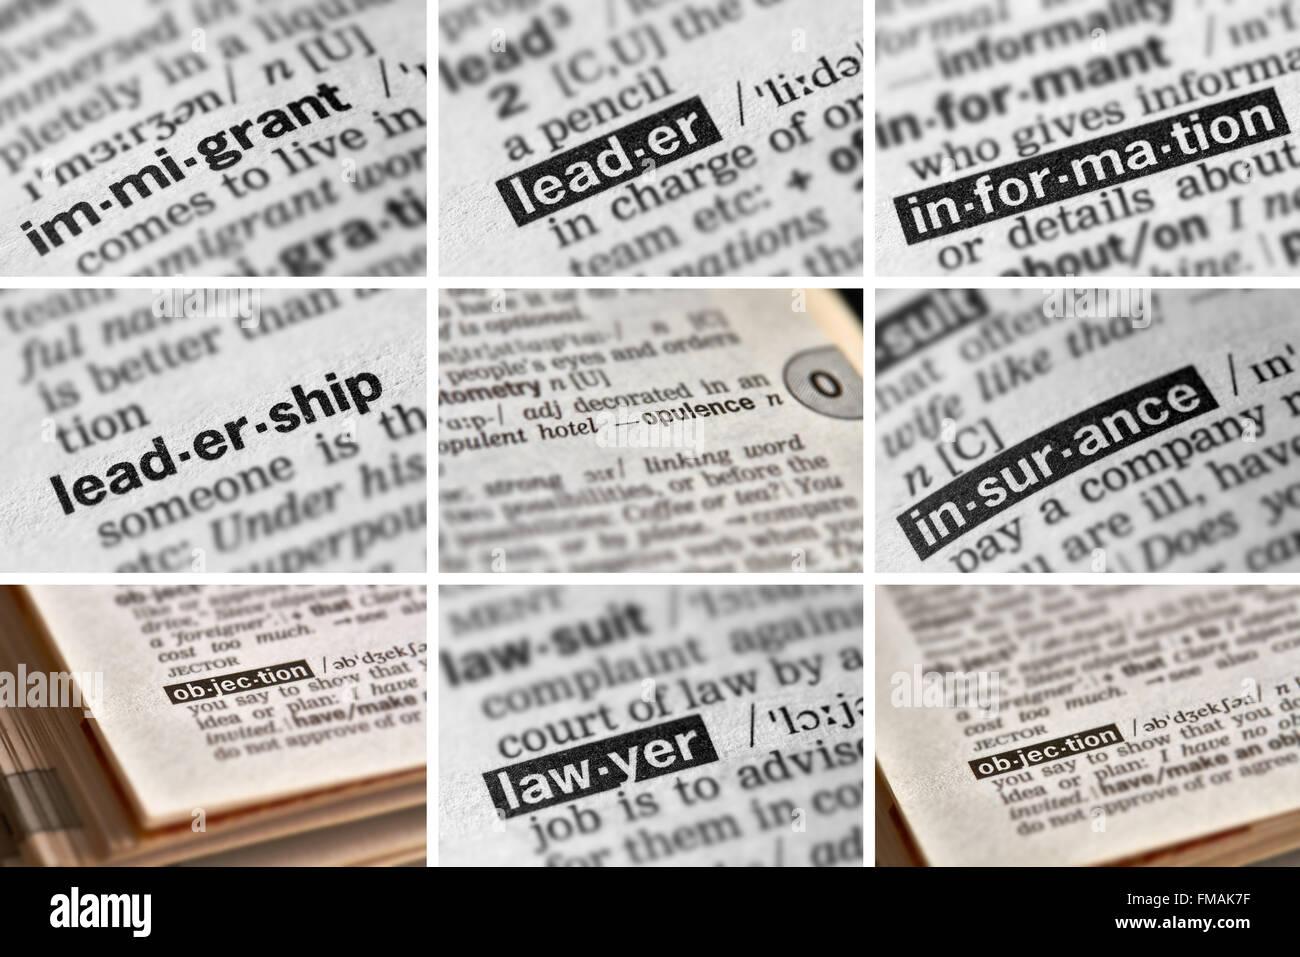 La política palabras en el diccionario. Imagen De Stock